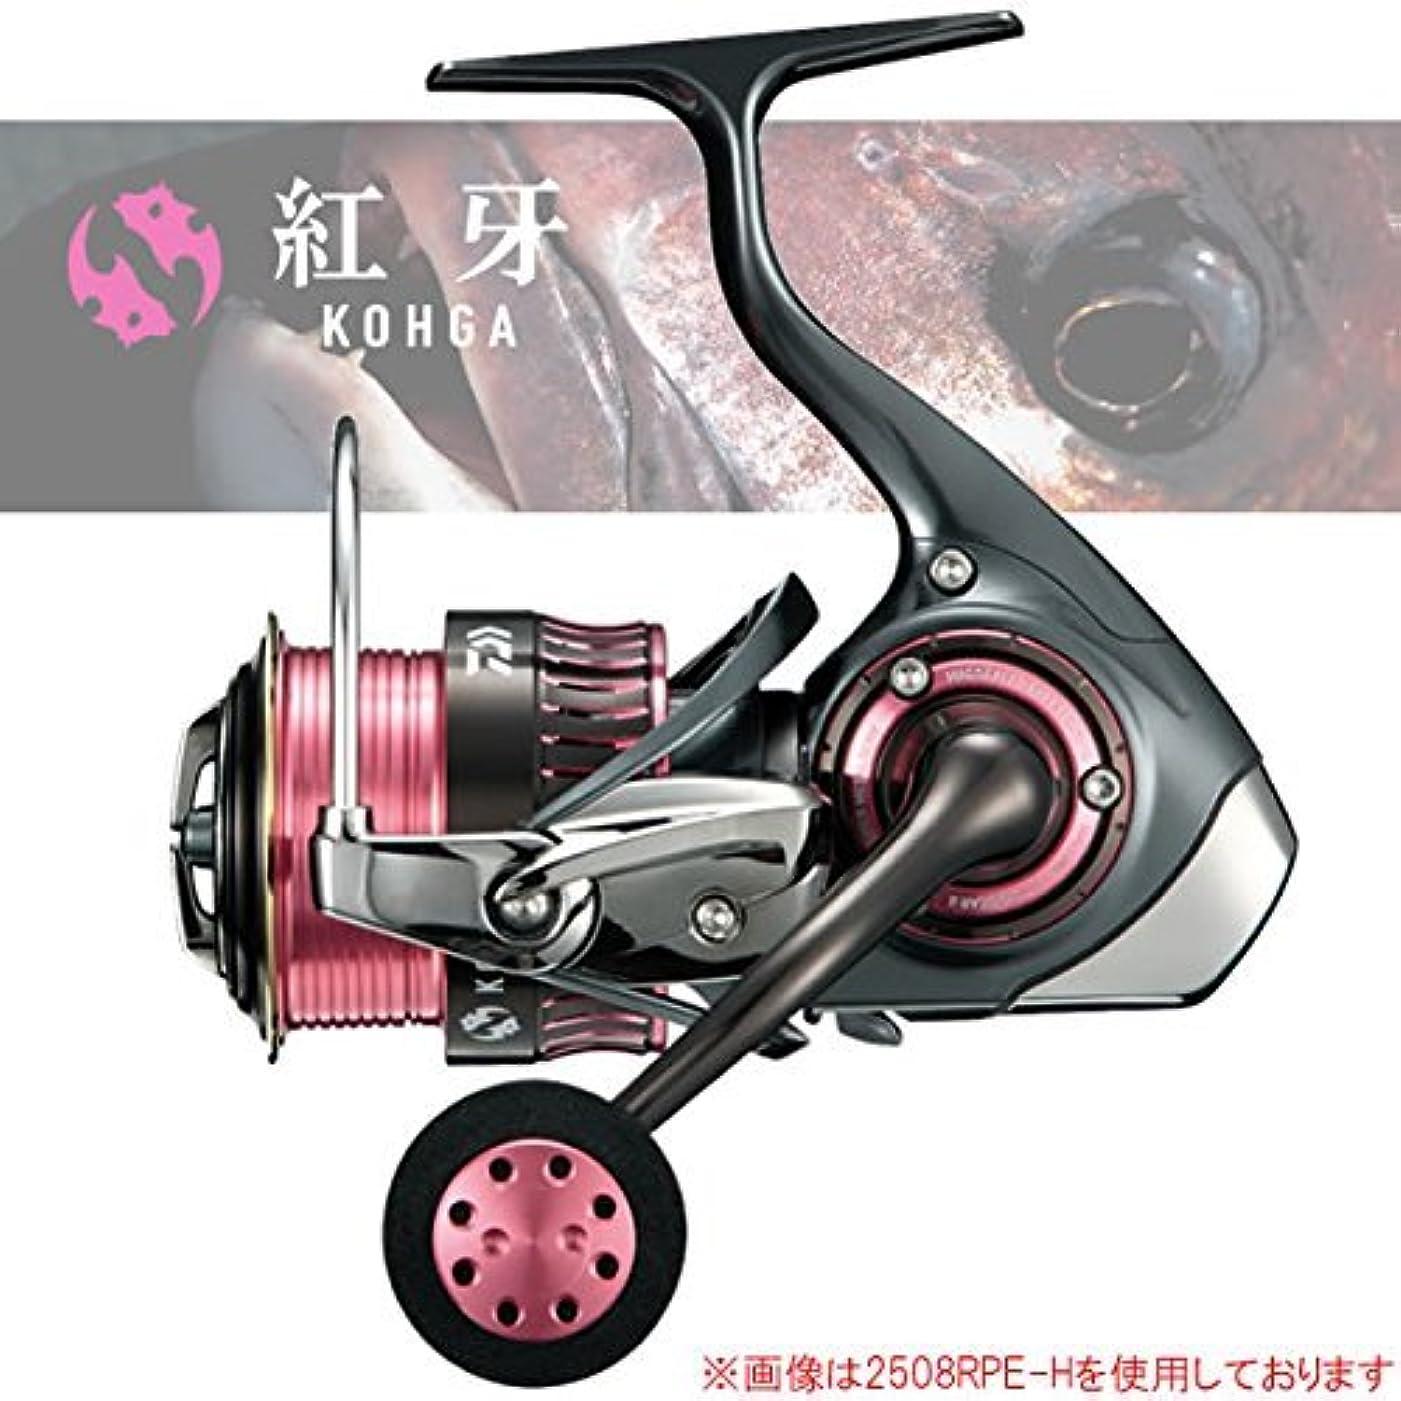 ワイプお茶裏切るダイワ(Daiwa) タイラバ スピニングリール 紅牙EX 2508RPE-H (2500サイズ)